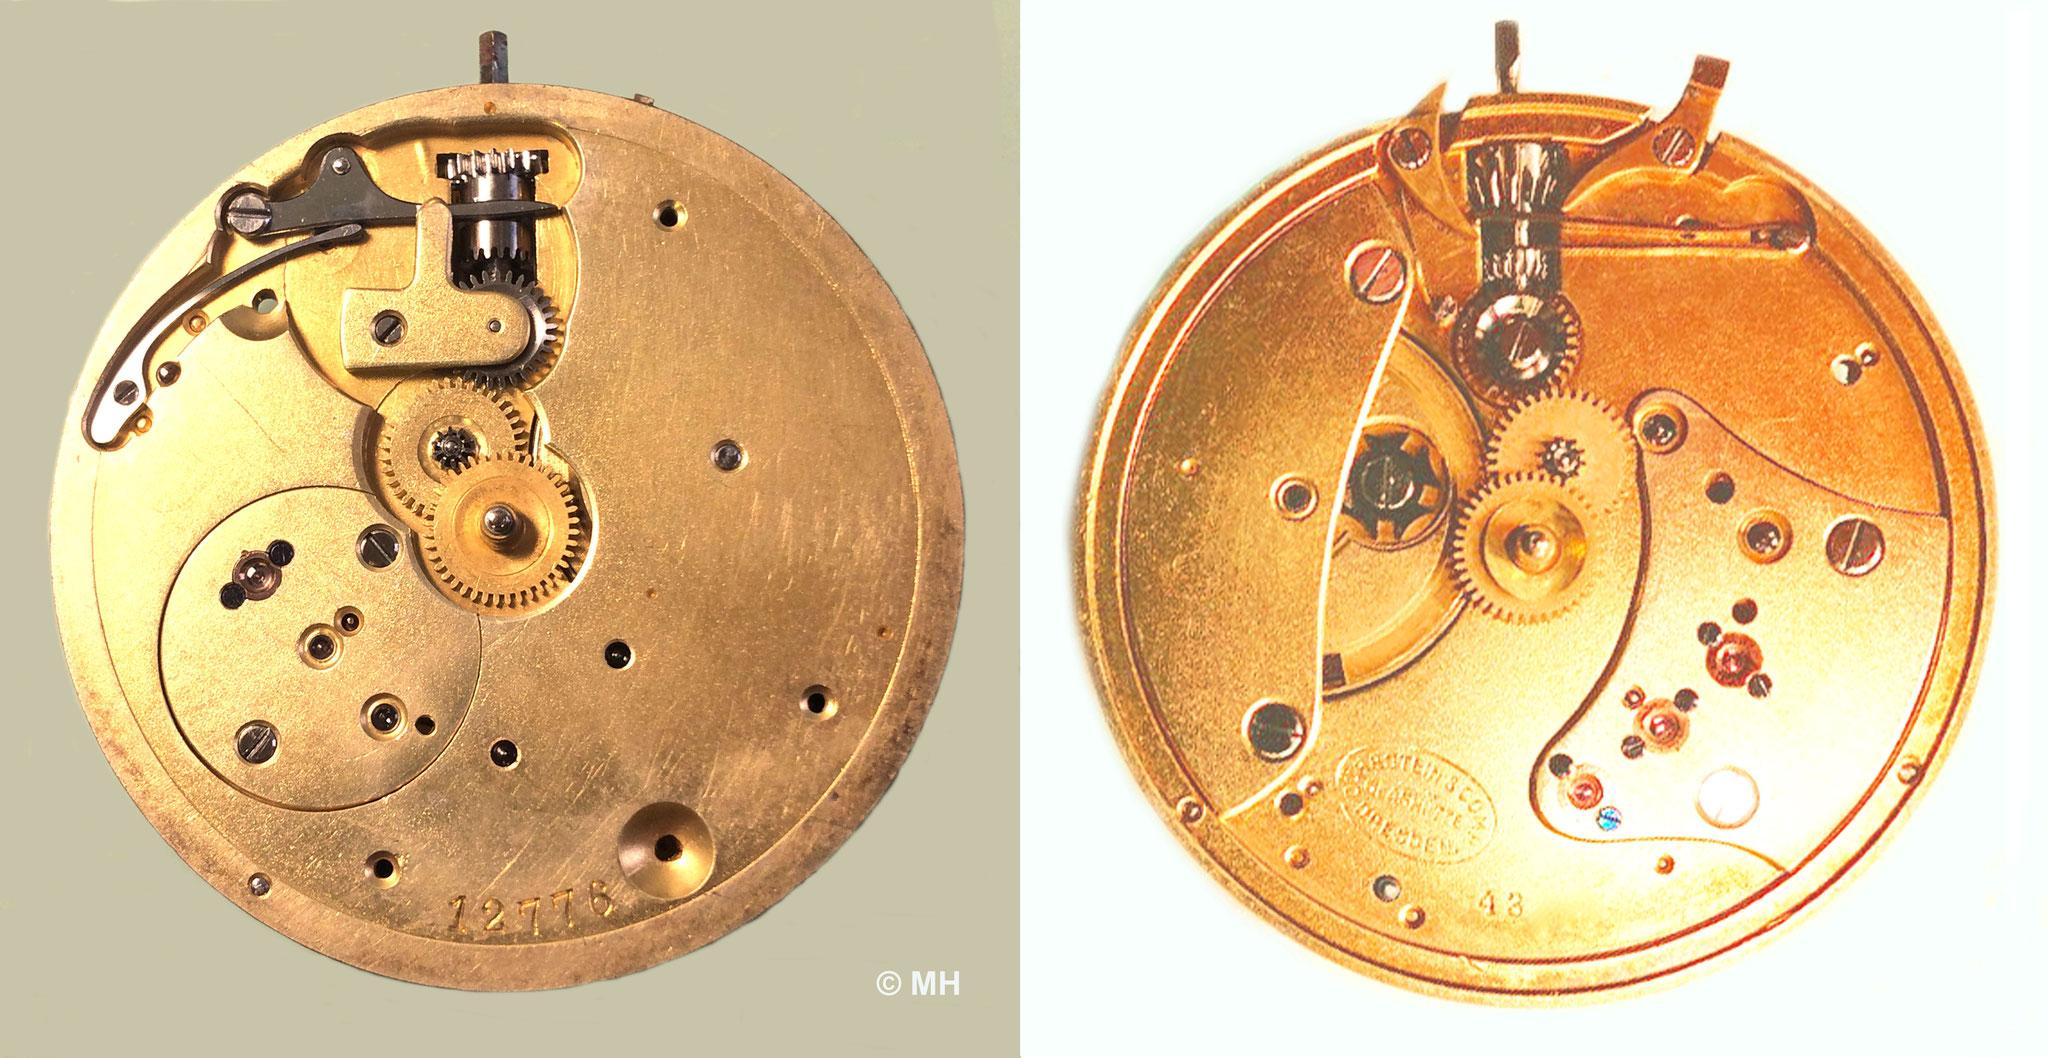 Zifferblattseitiger Werkvergleich 1893 links & 1894 rechts